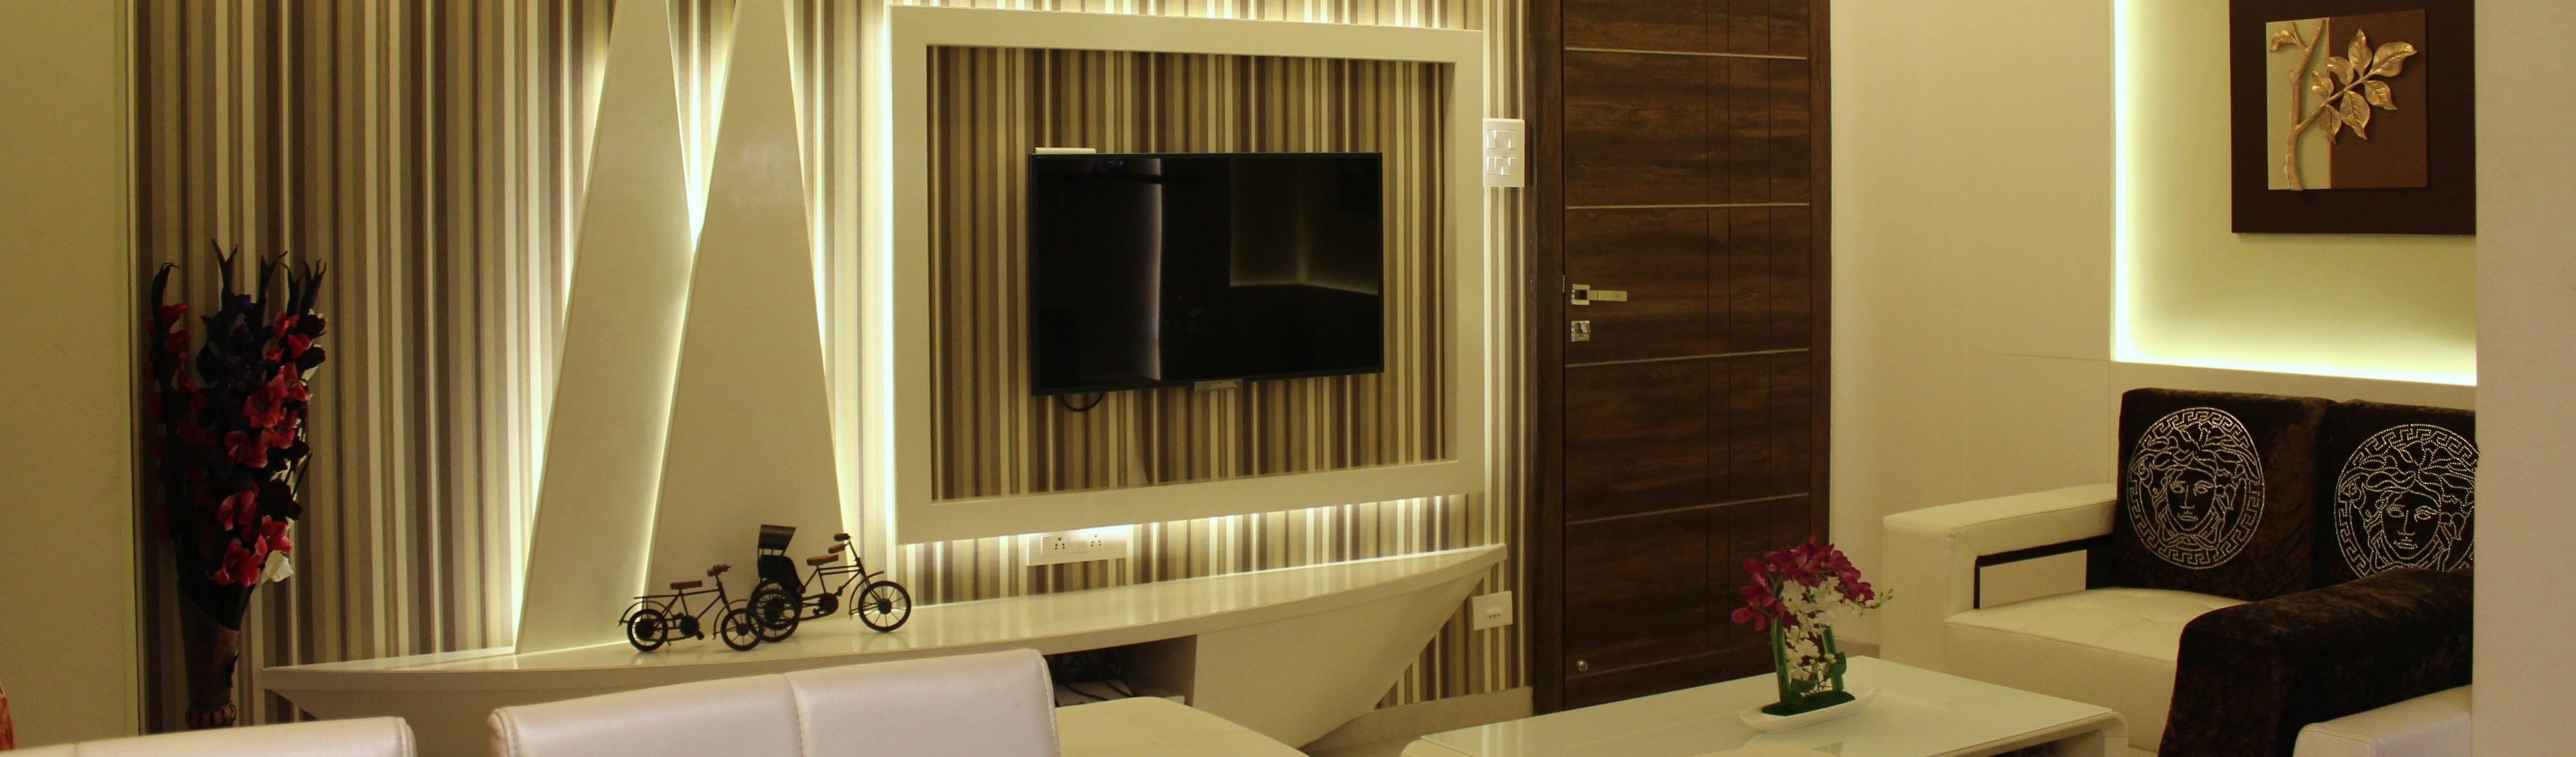 I—design interior designer's